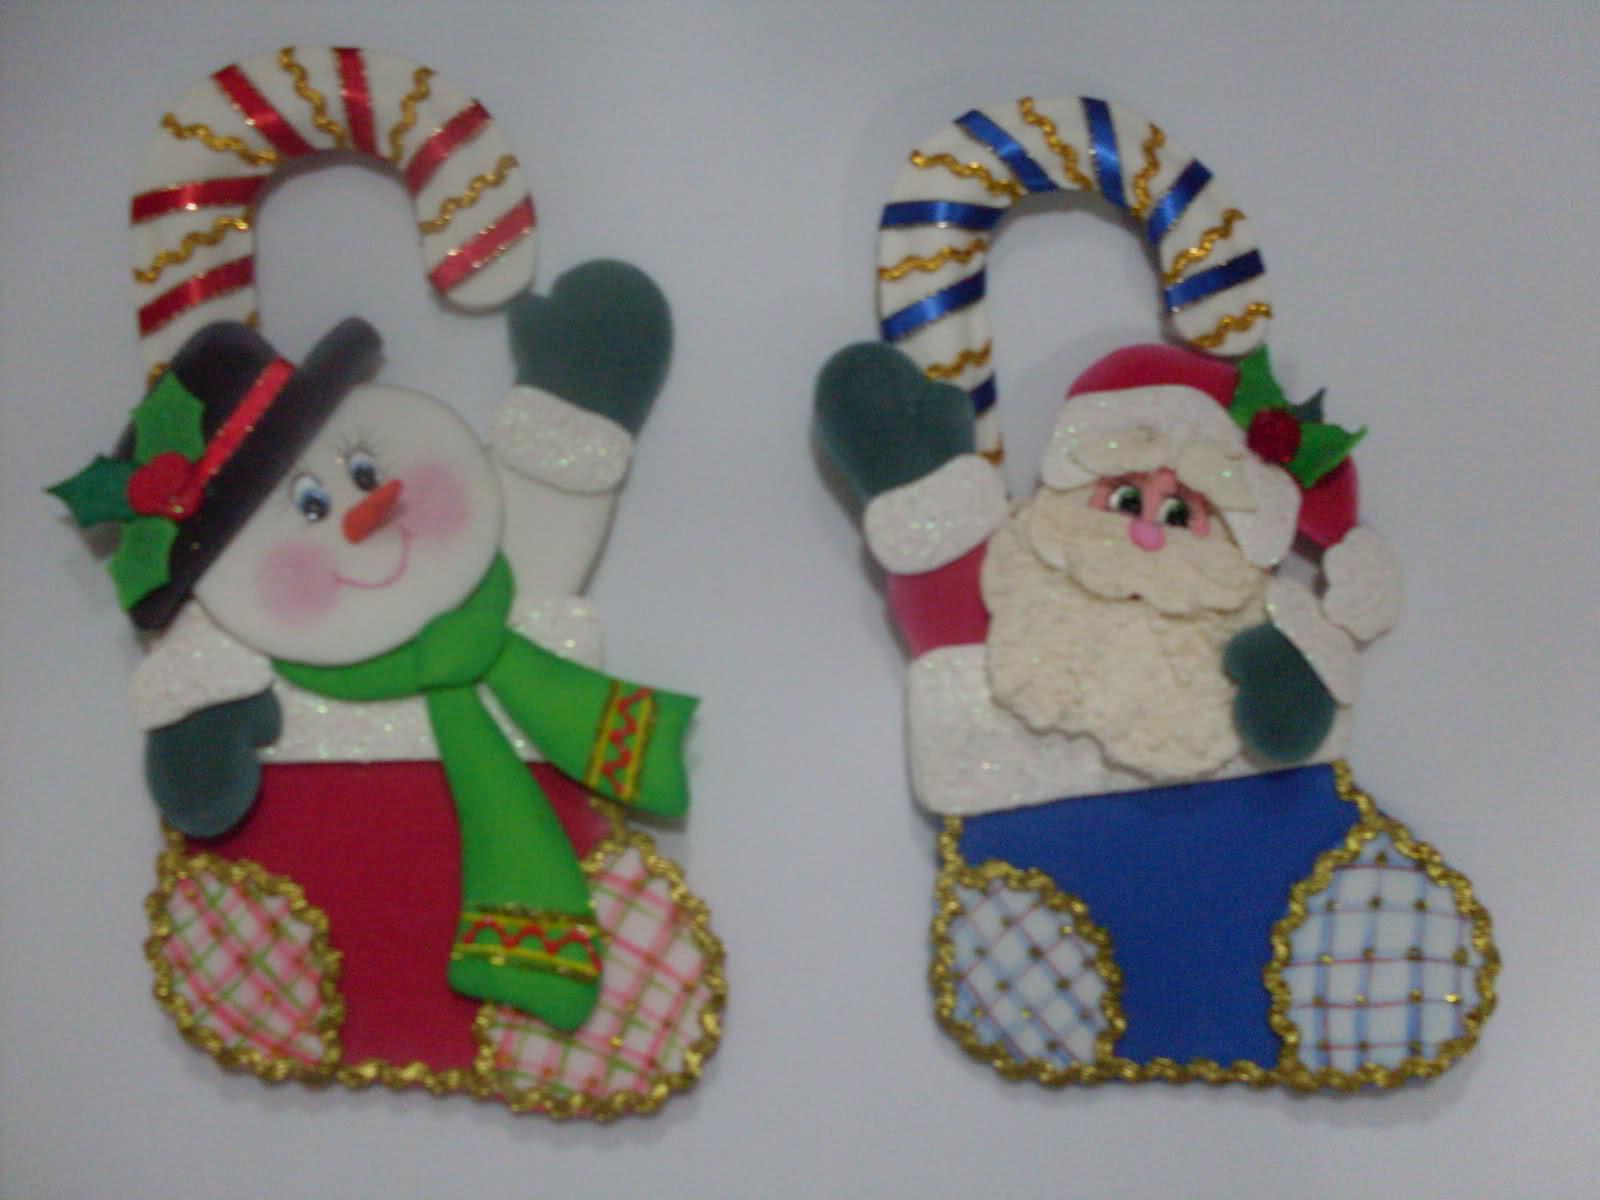 Navidad con patrones renos navide os - Adornos para fotos gratis ...